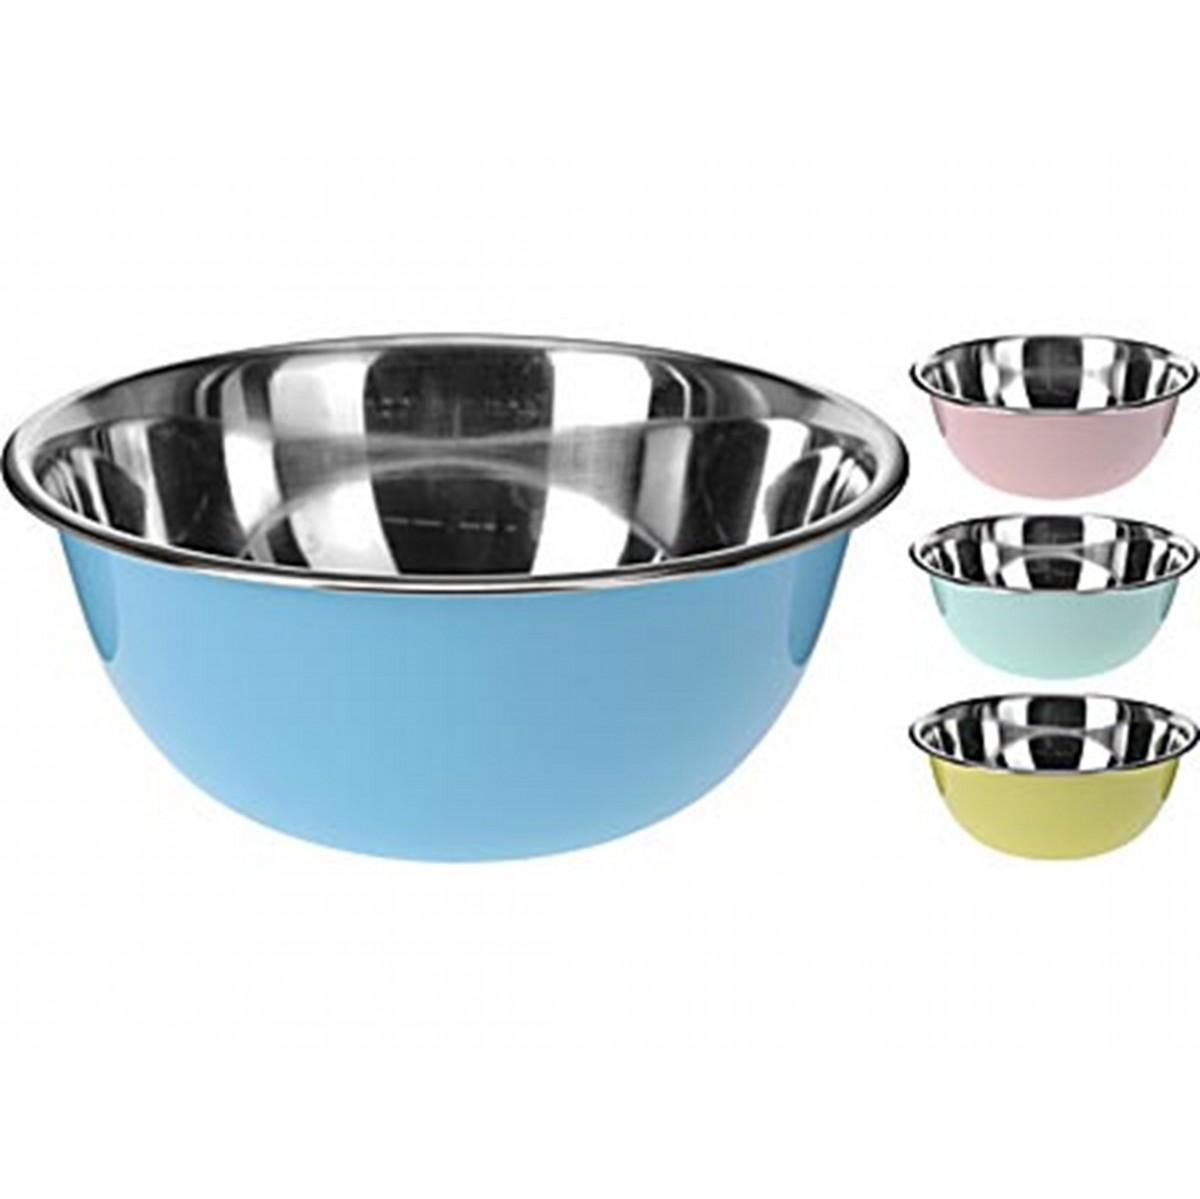 Миска для смешивания продуктовExcellent Houseware производит посуду и различные предметы для дома. Миска - отличный помощник на кухне. В ней удобно смешивать продукты, а также прямо в ней можно подавать на стол, например, салаты. Внимание! Выбрать цвет заранее не представляется возможным.<br>